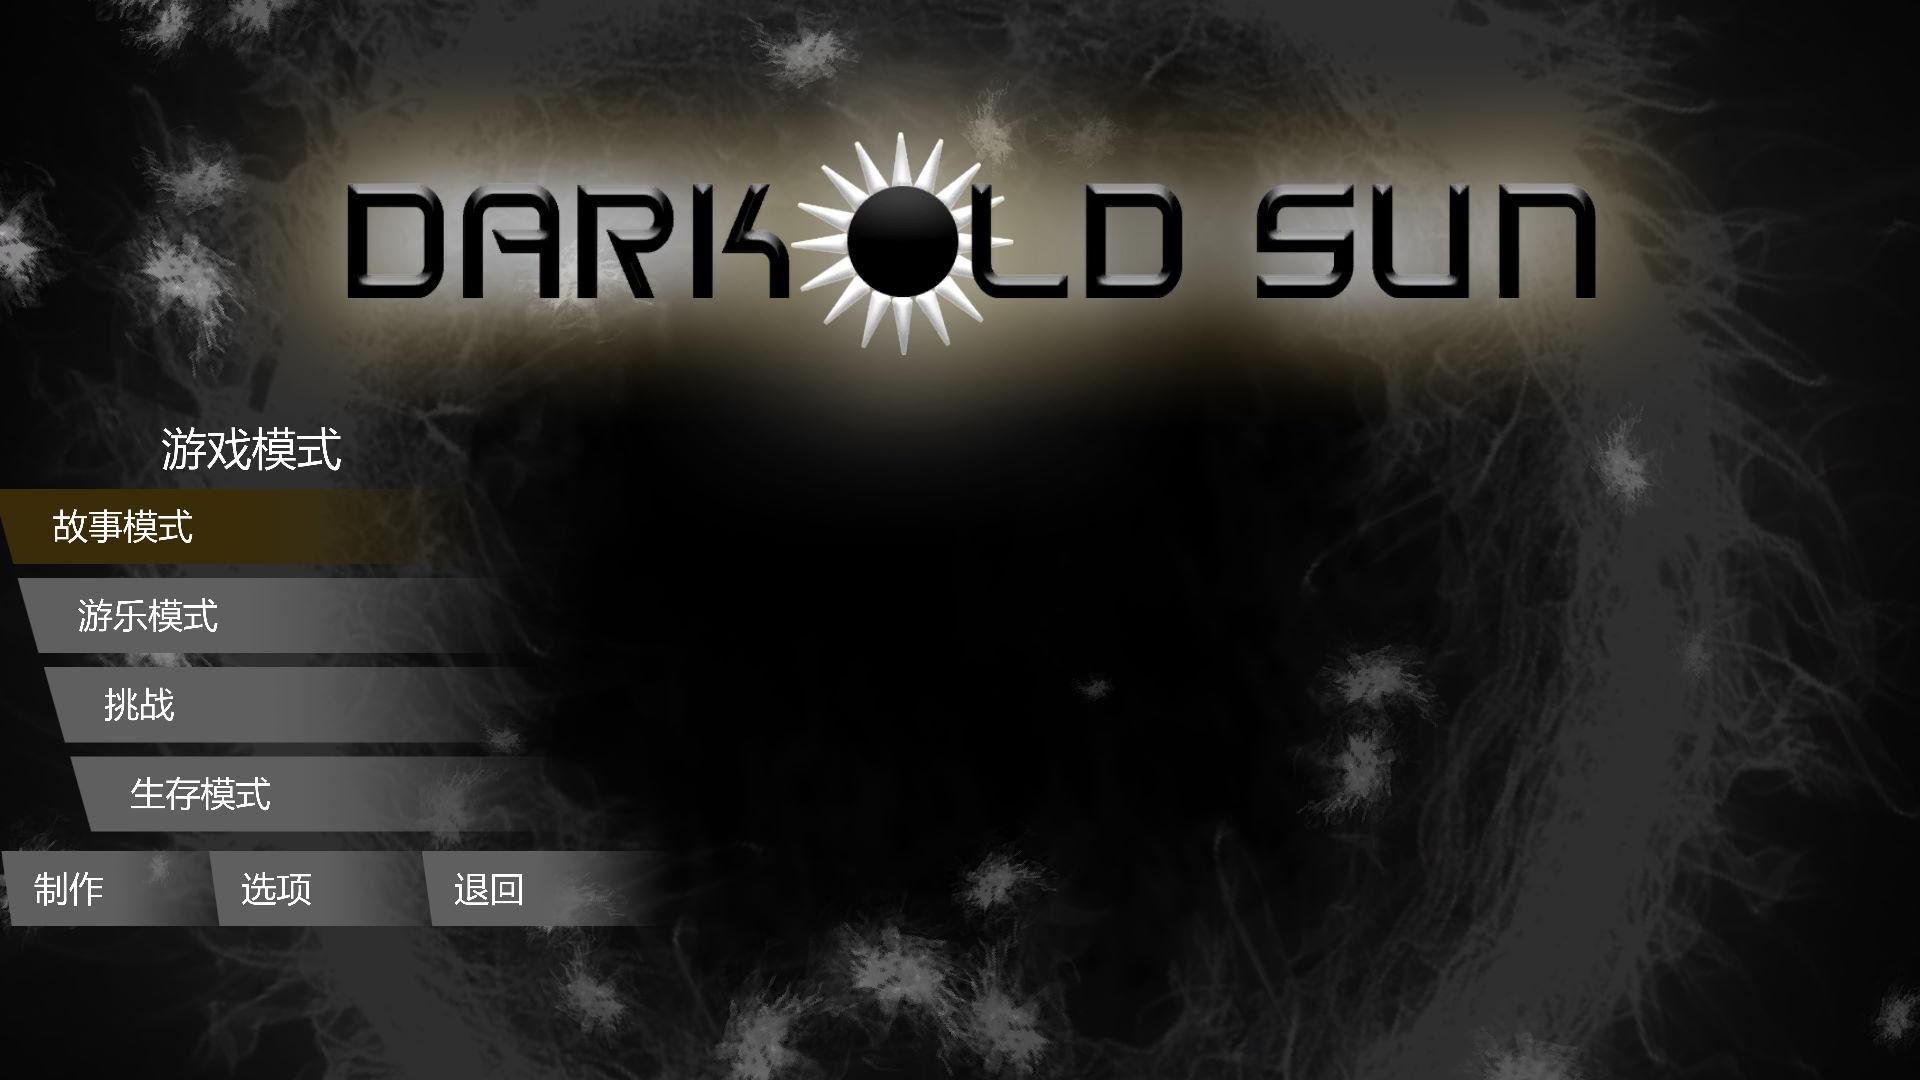 黑暗古老太阳 中文截图